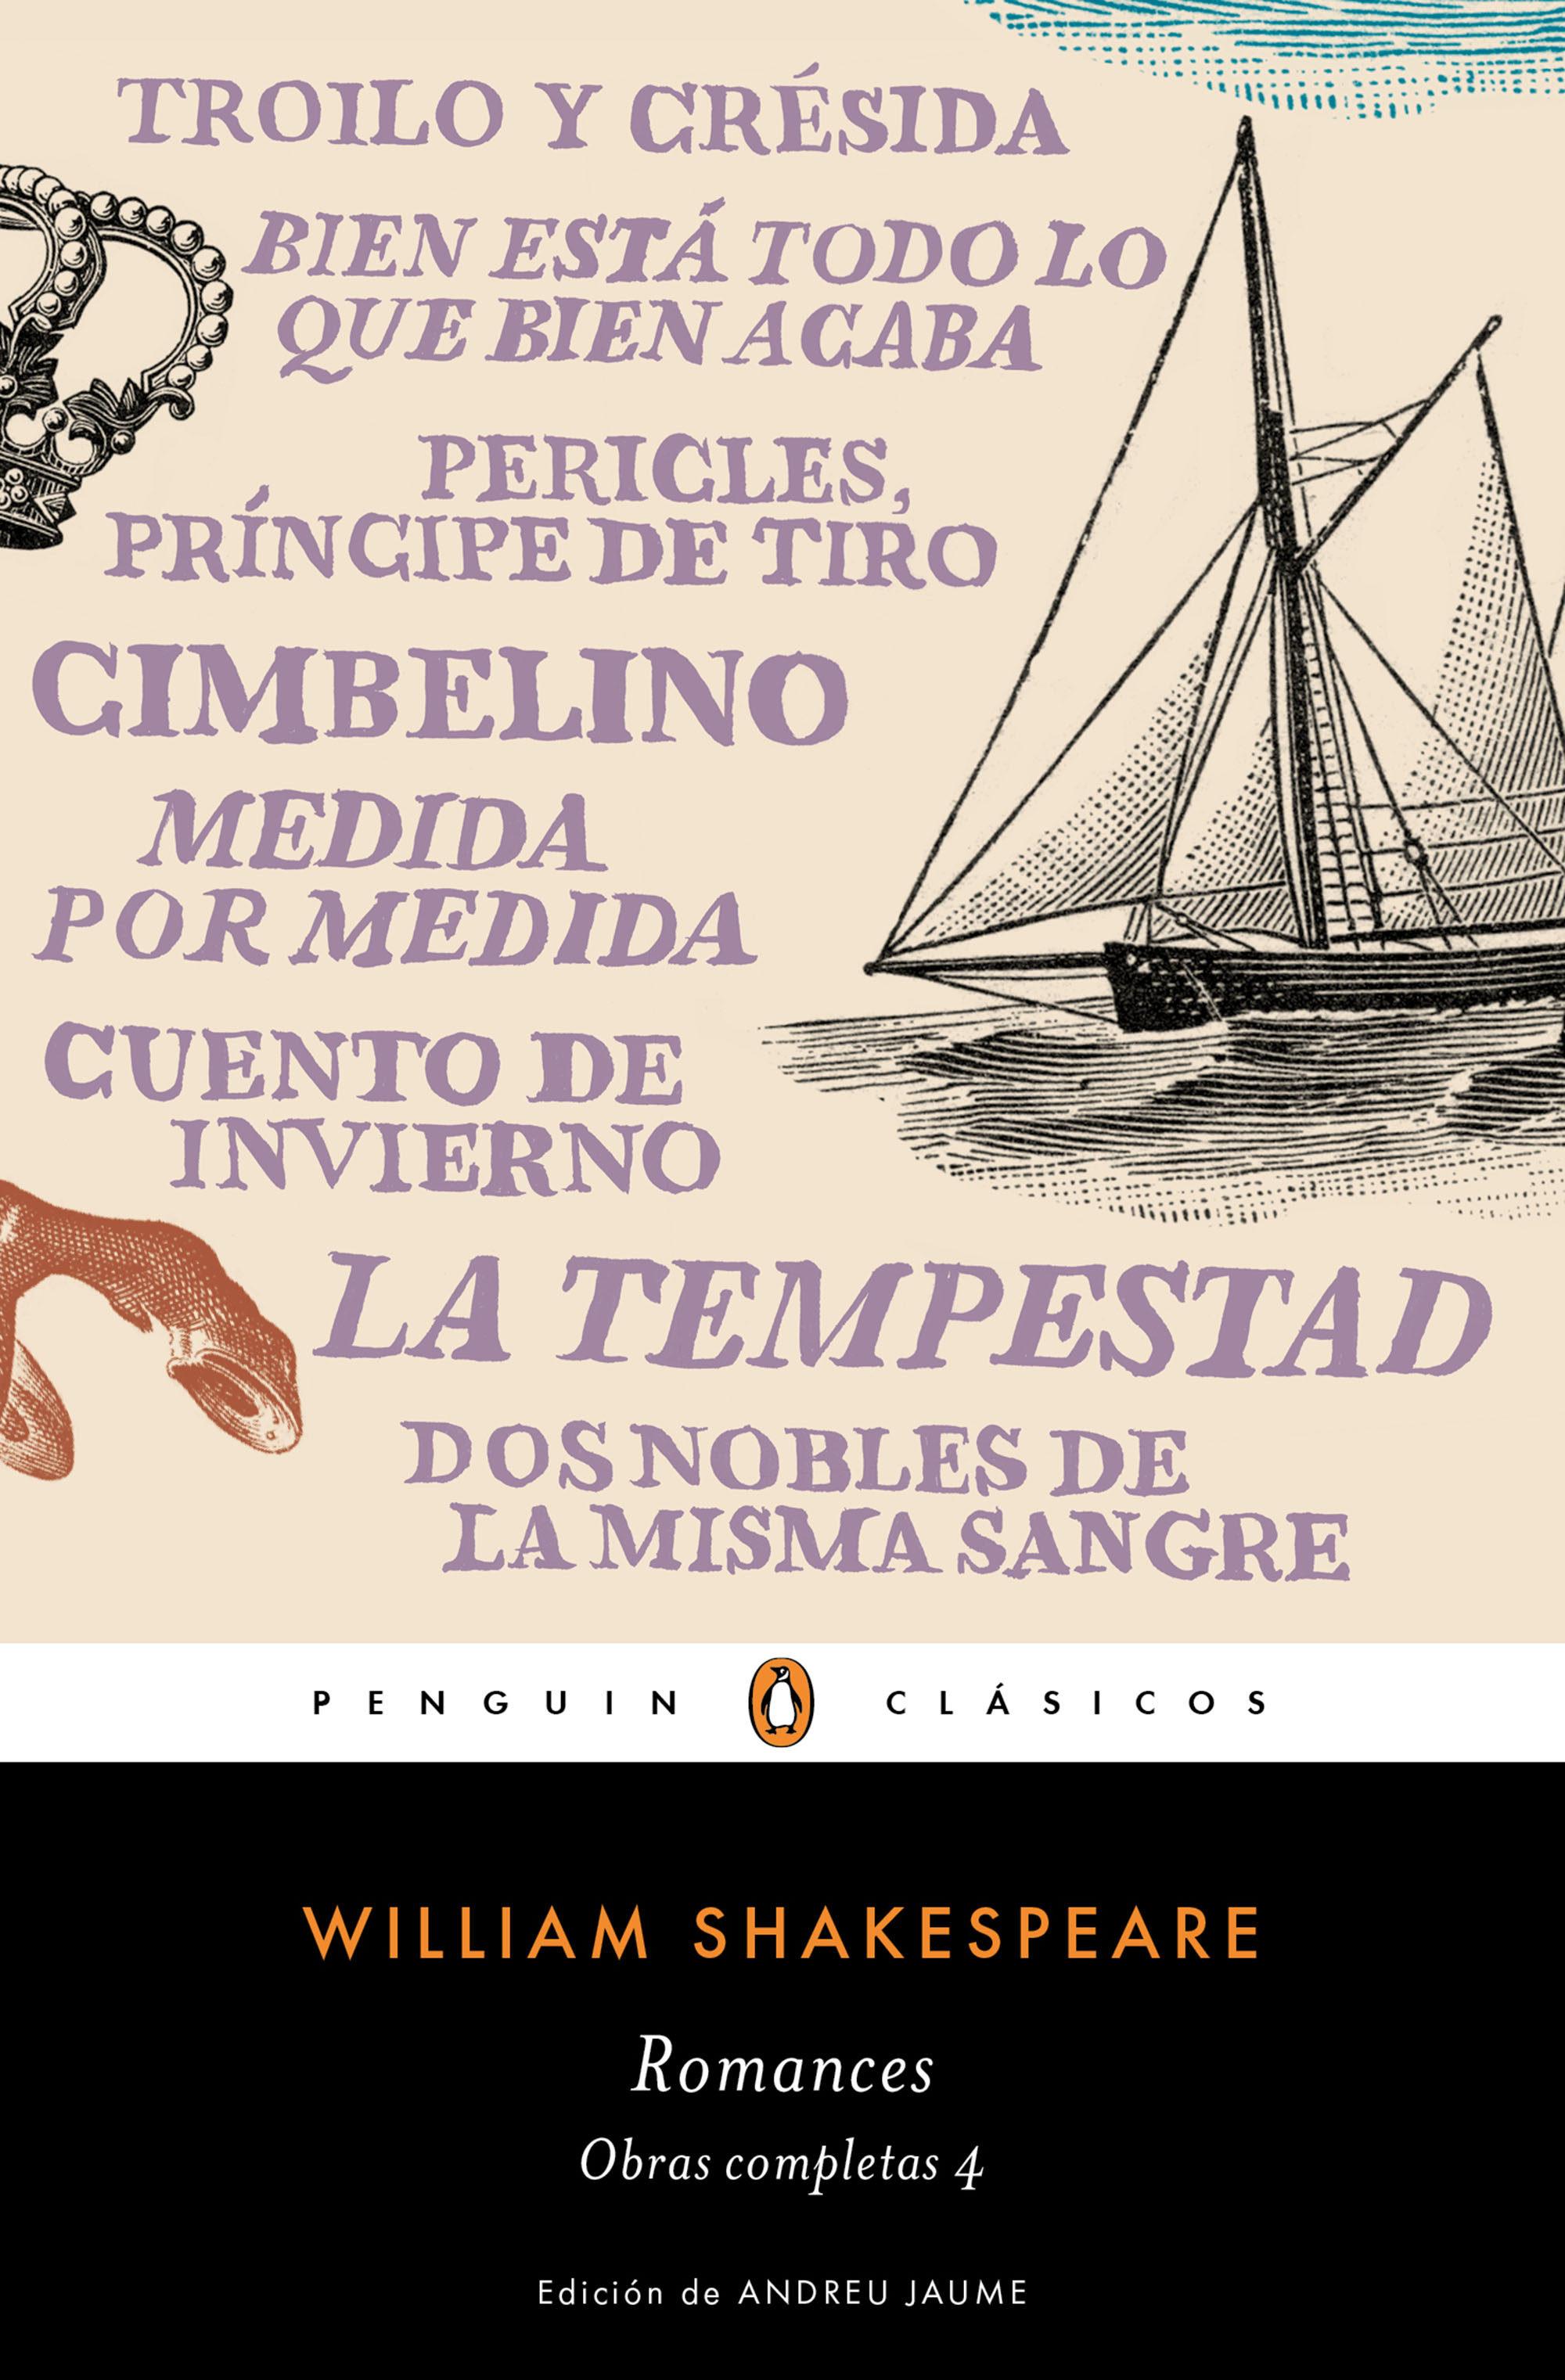 William-Shakespeare-29